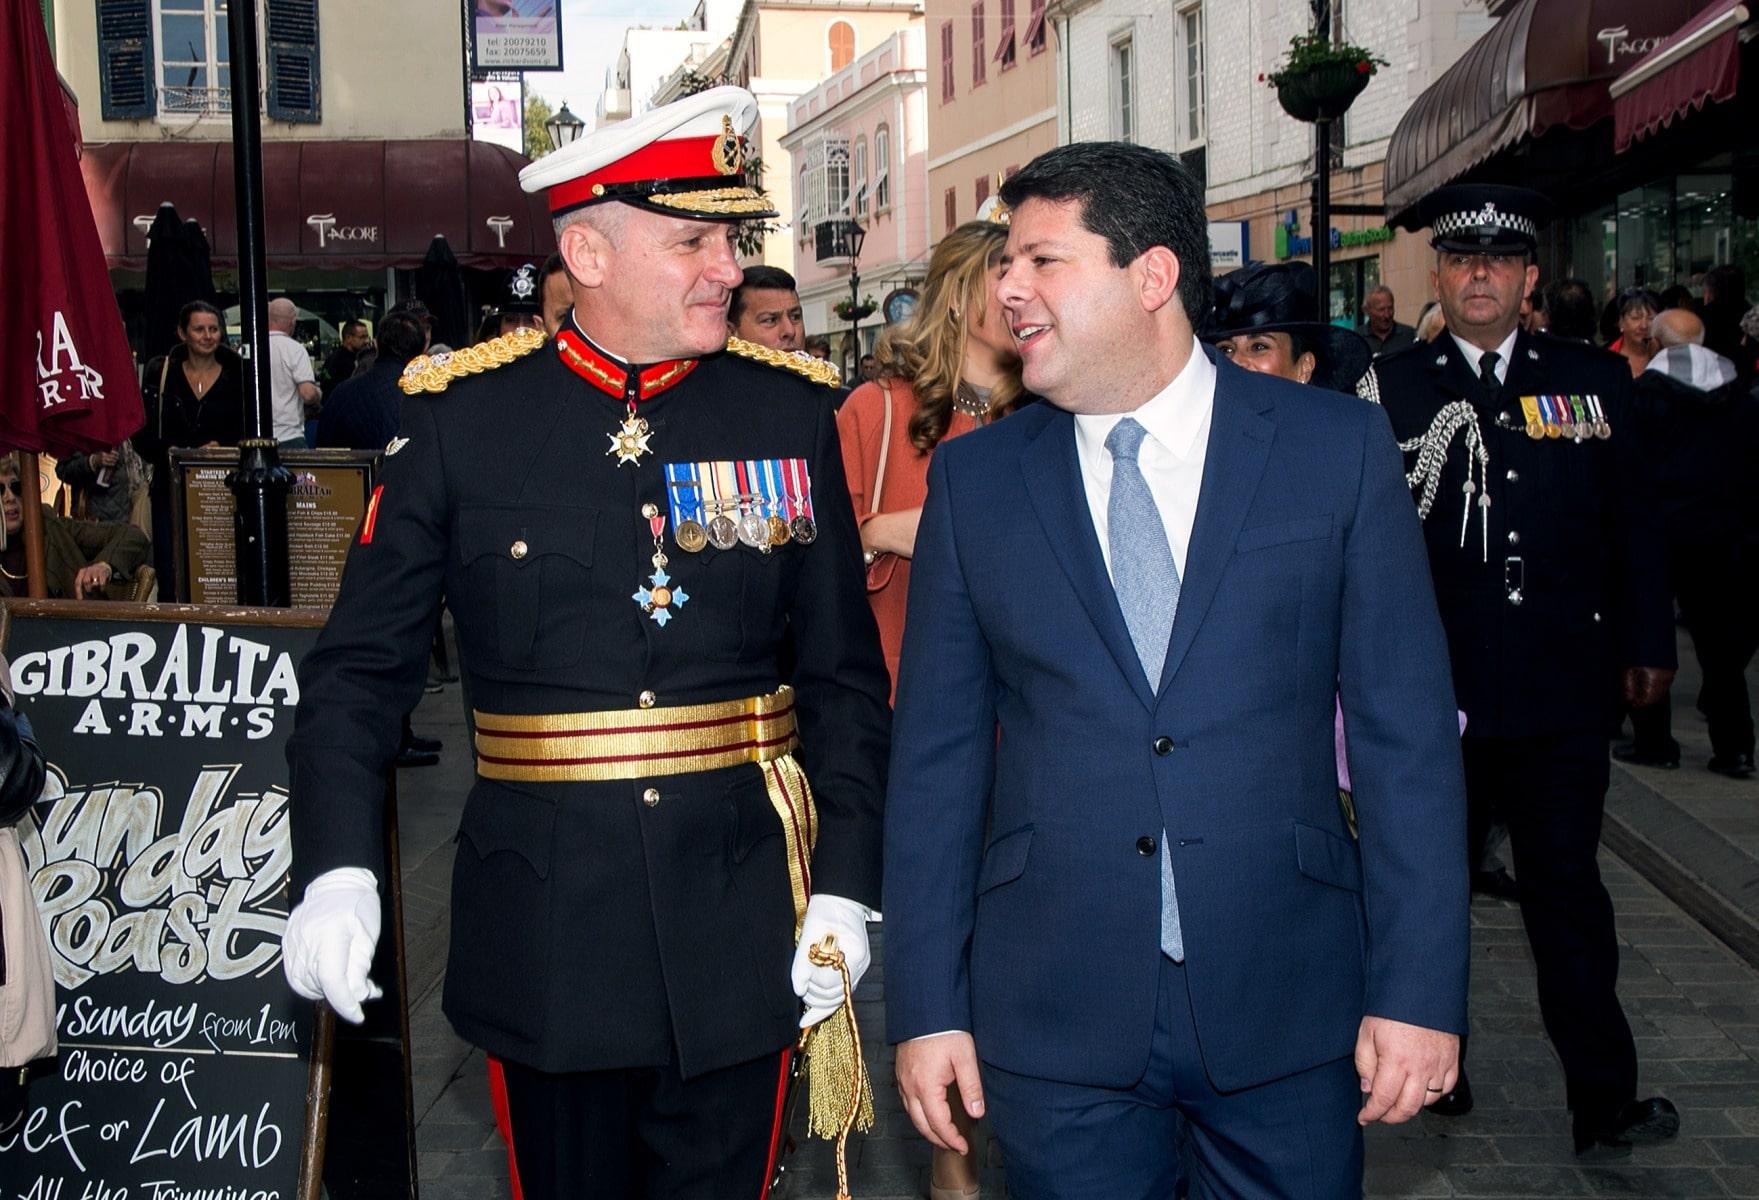 gobernador-de-gibraltar-edward-davis_24470817706_o